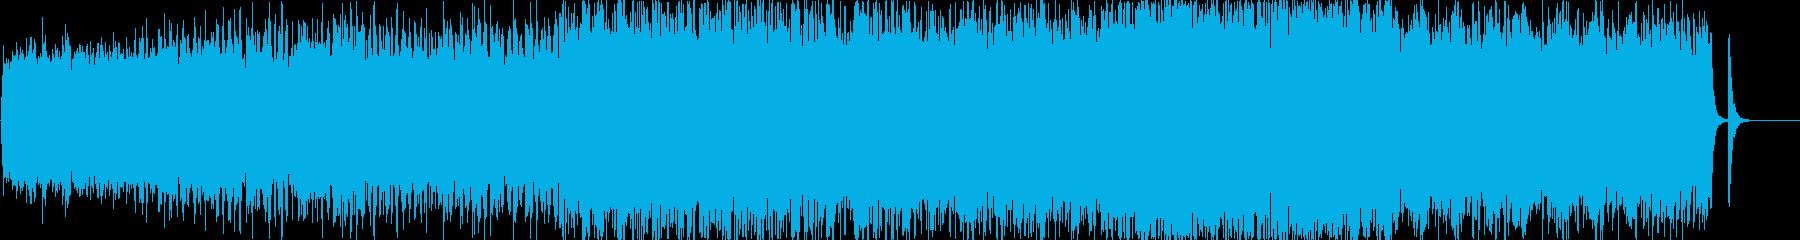 穏やかで軽快な3拍子のオケーストラ曲の再生済みの波形